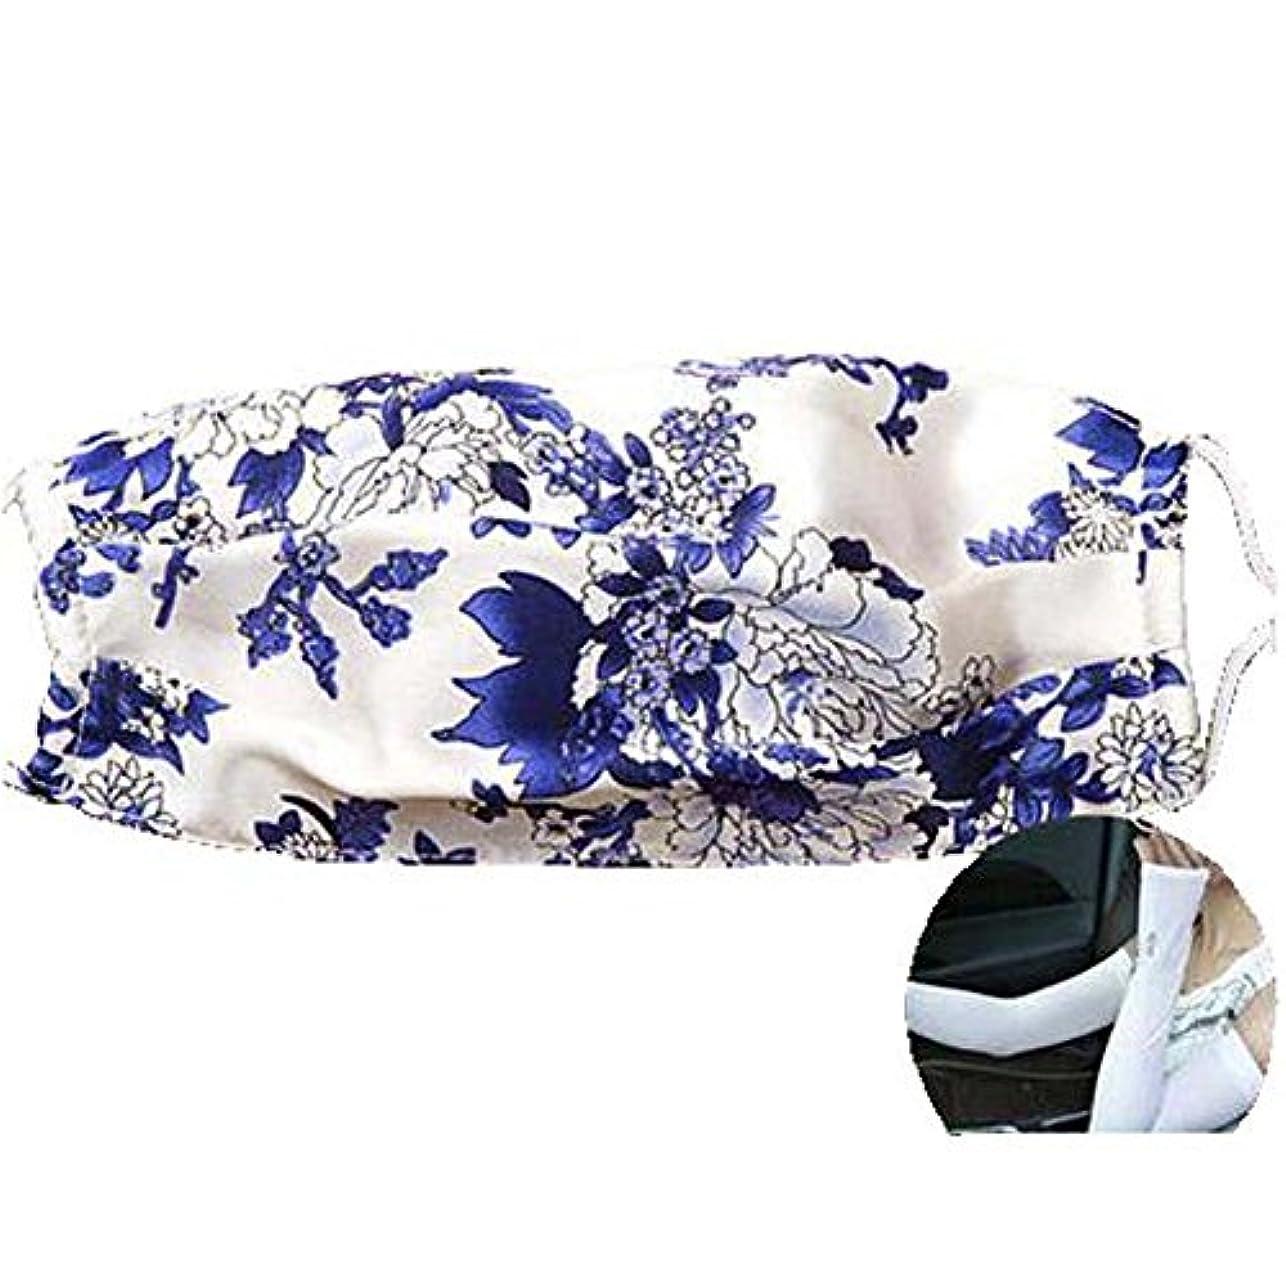 モスク座標きらめき再使用可能な洗えるシルクダストマスク、流行マスク、シルクアームスリーブ